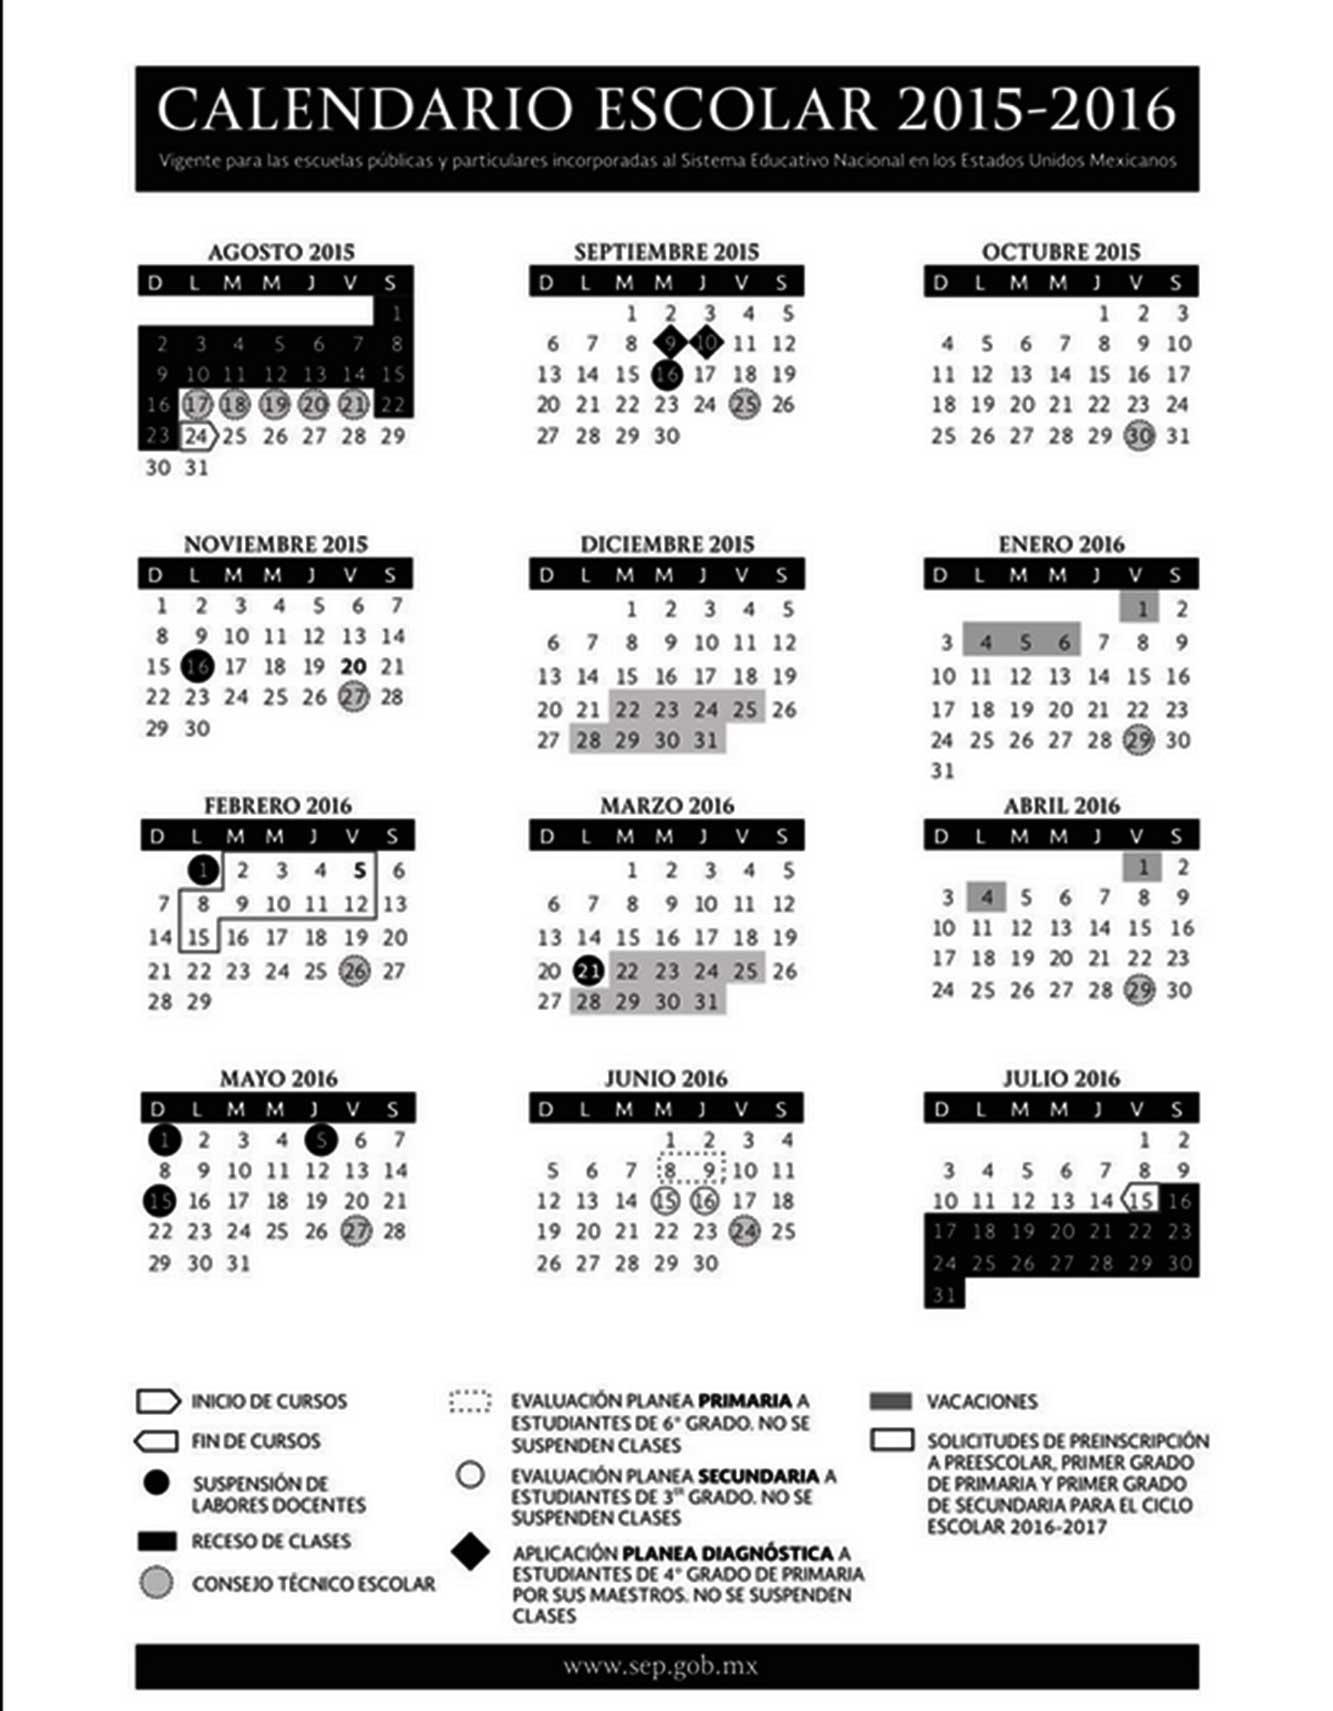 Conoce el calendario escolar para 2016 con sus puentes incluídos